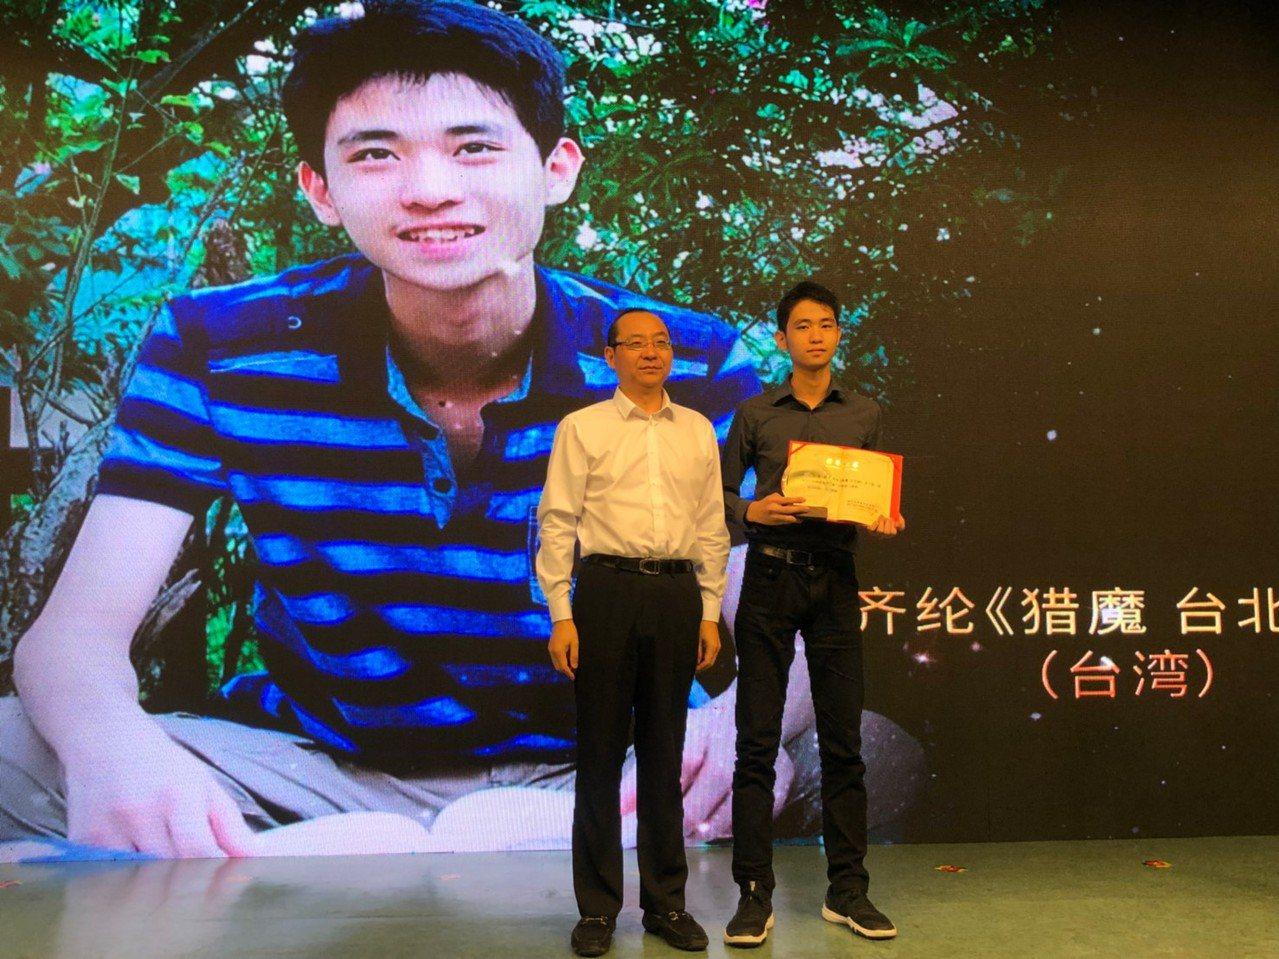 齊綸(右)榮獲今年兩岸青年網路文學大賽三等獎殊榮。(圖/齊綸 提供)